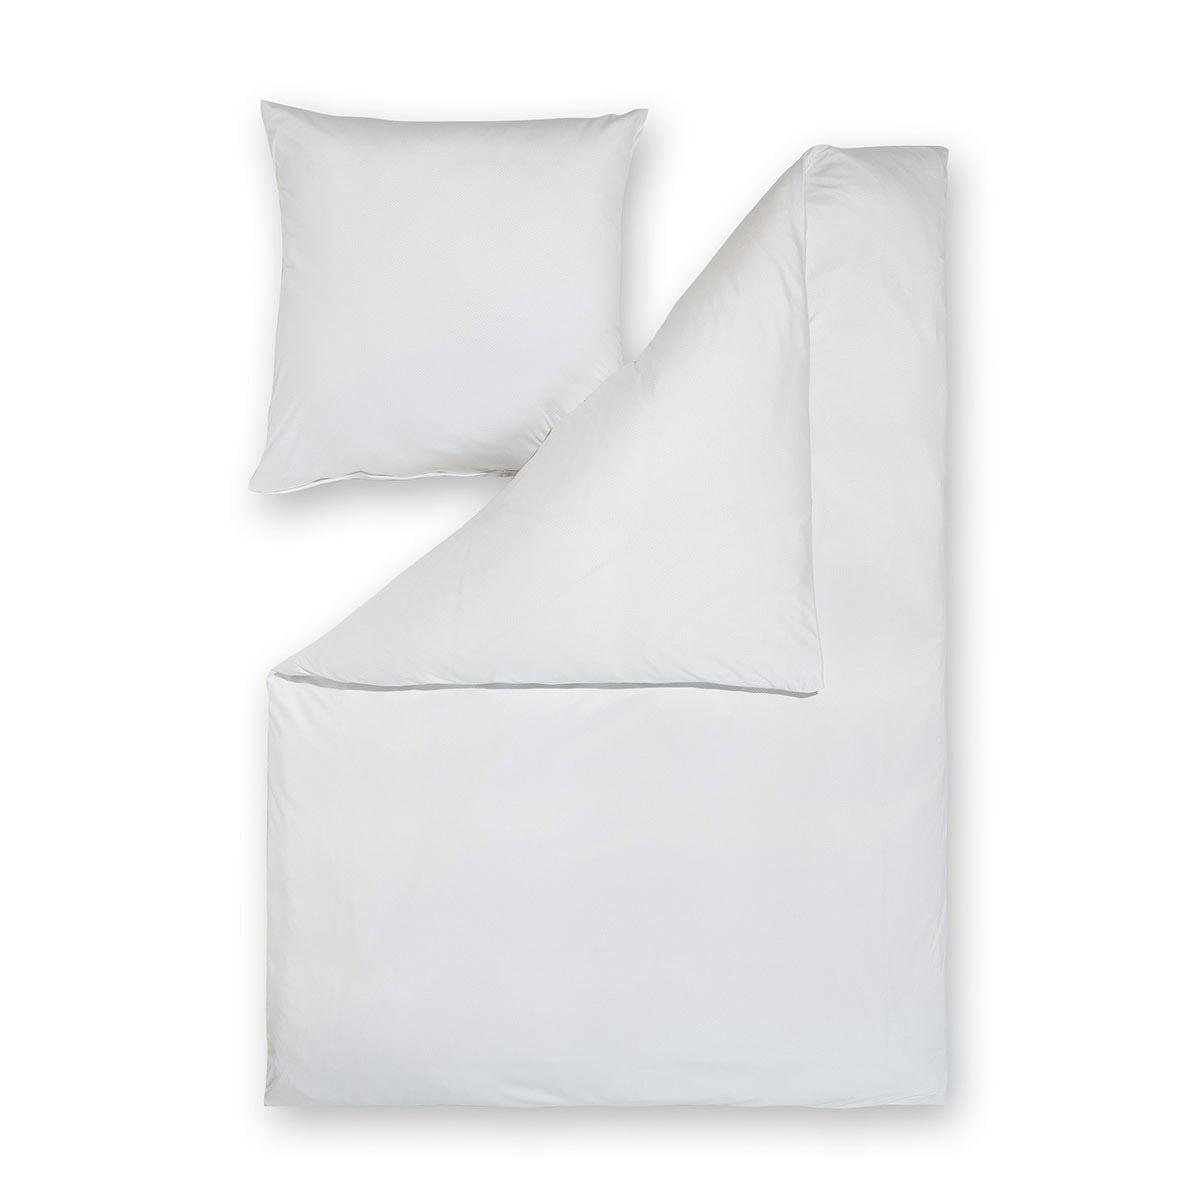 estella mako interlock jersey bettw sche tarun silber g nstig online kaufen bei bettwaren shop. Black Bedroom Furniture Sets. Home Design Ideas